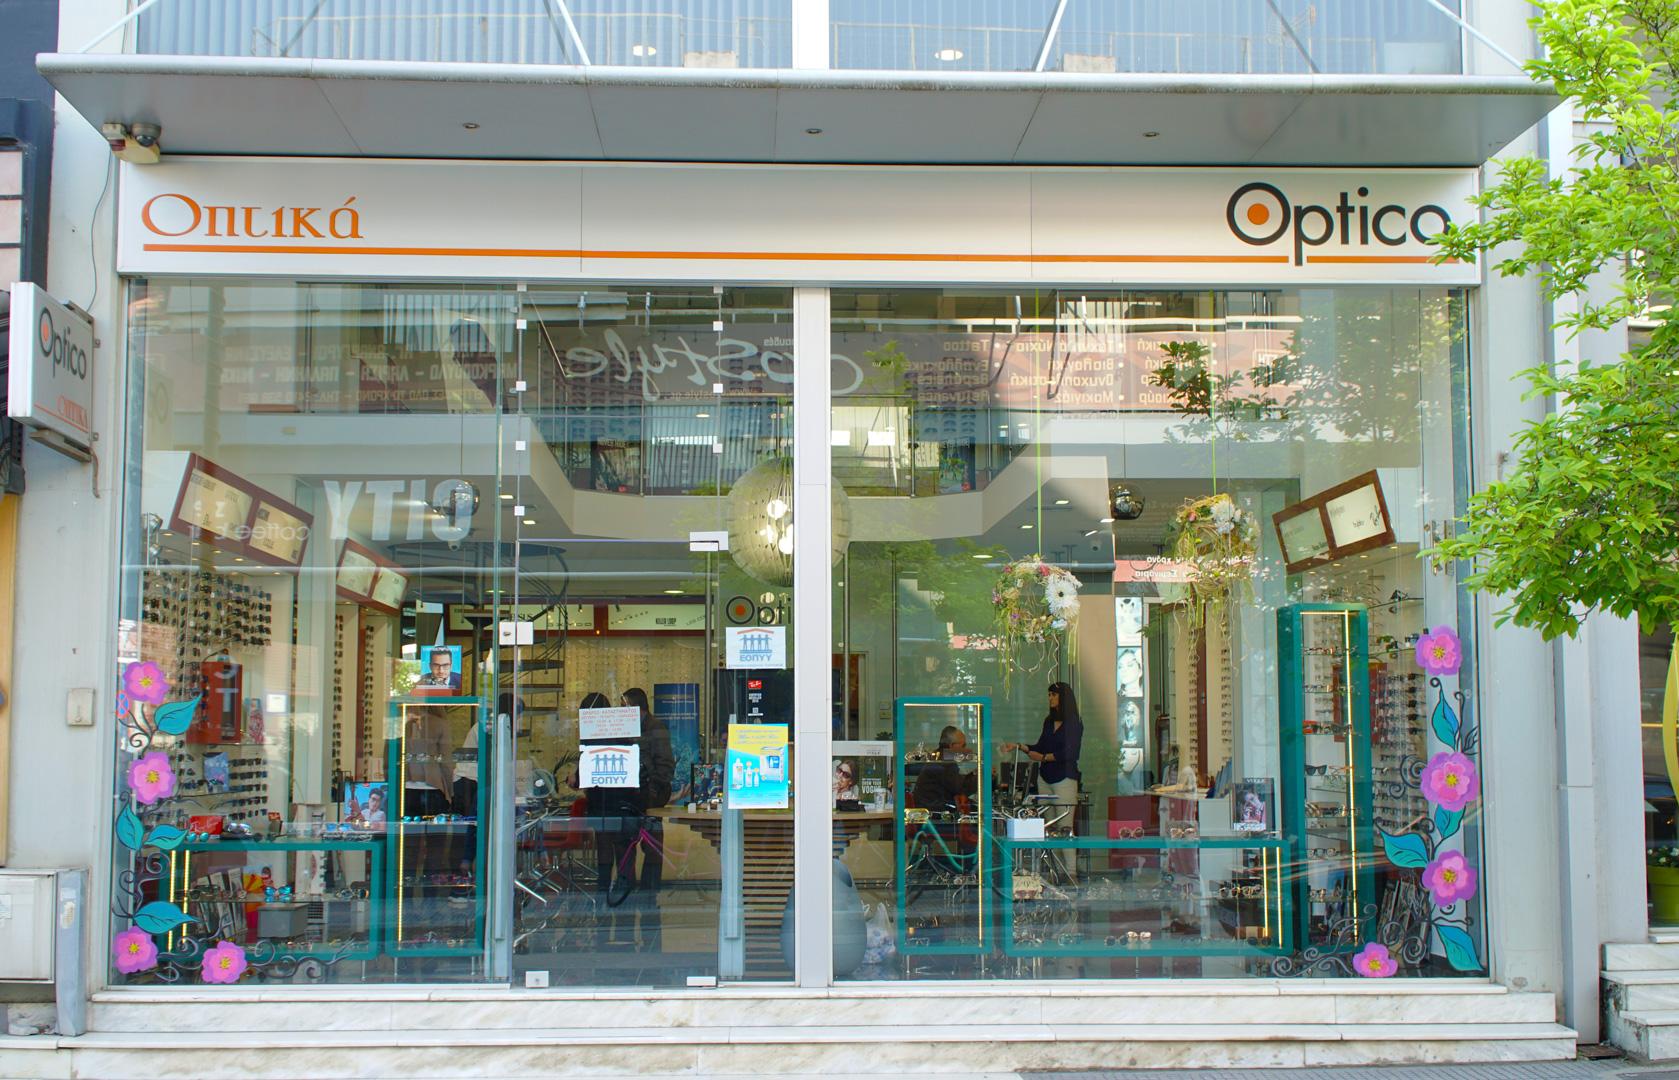 af8b1b0b39 Το Optico μας παρουσίαζει όλες τις νέες τάσεις στα γυαλιά ηλίου! - Λάρισα